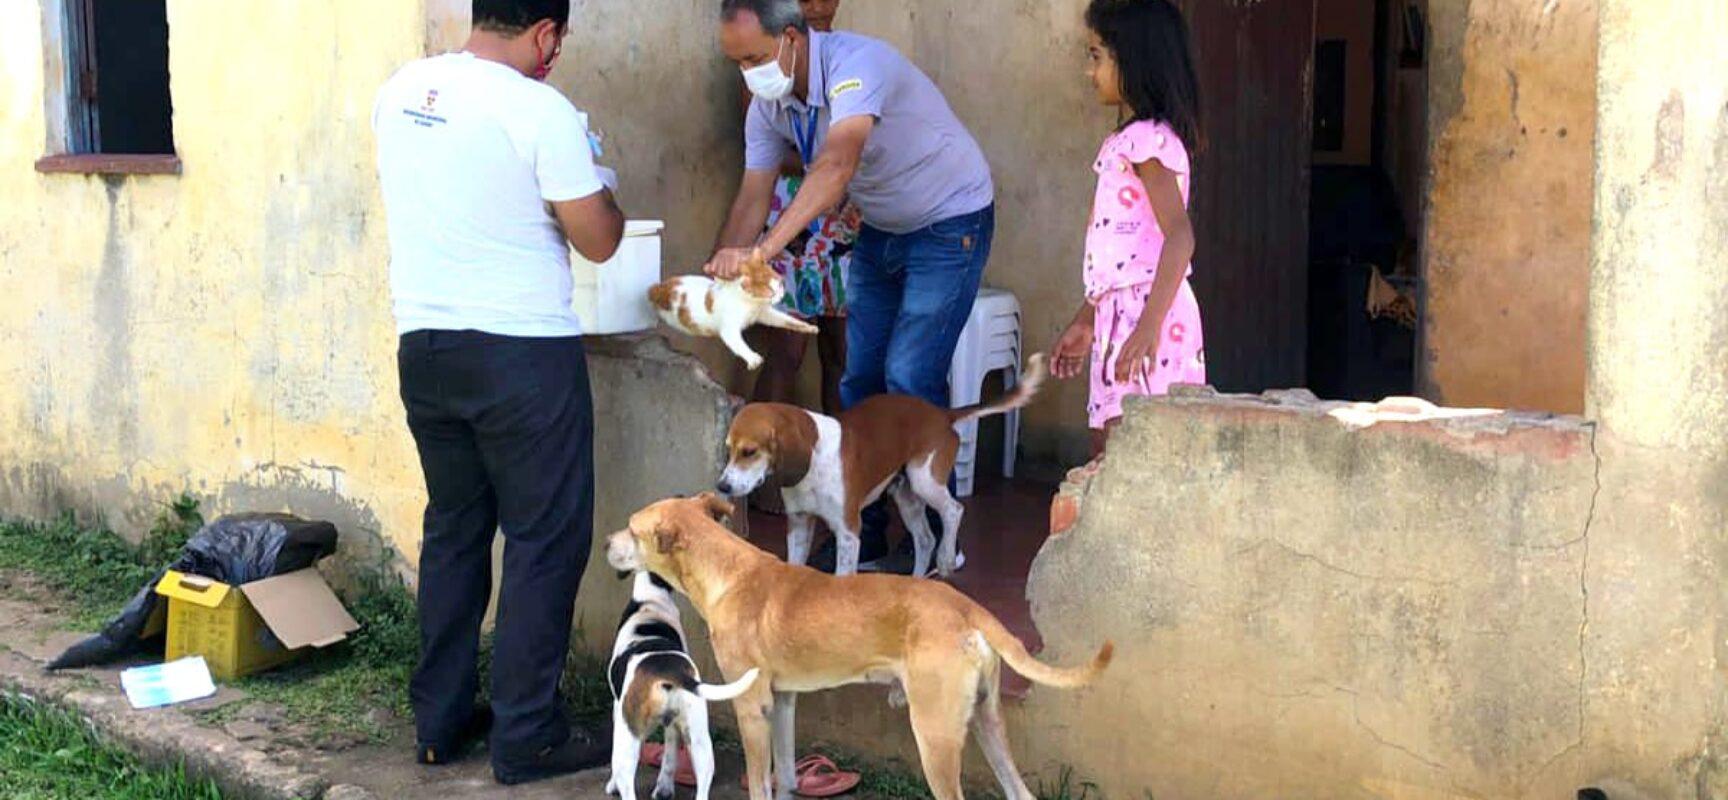 Diretoria de Zoonoses prossegue com vacinação antirrábica em Itabuna nesta sexta